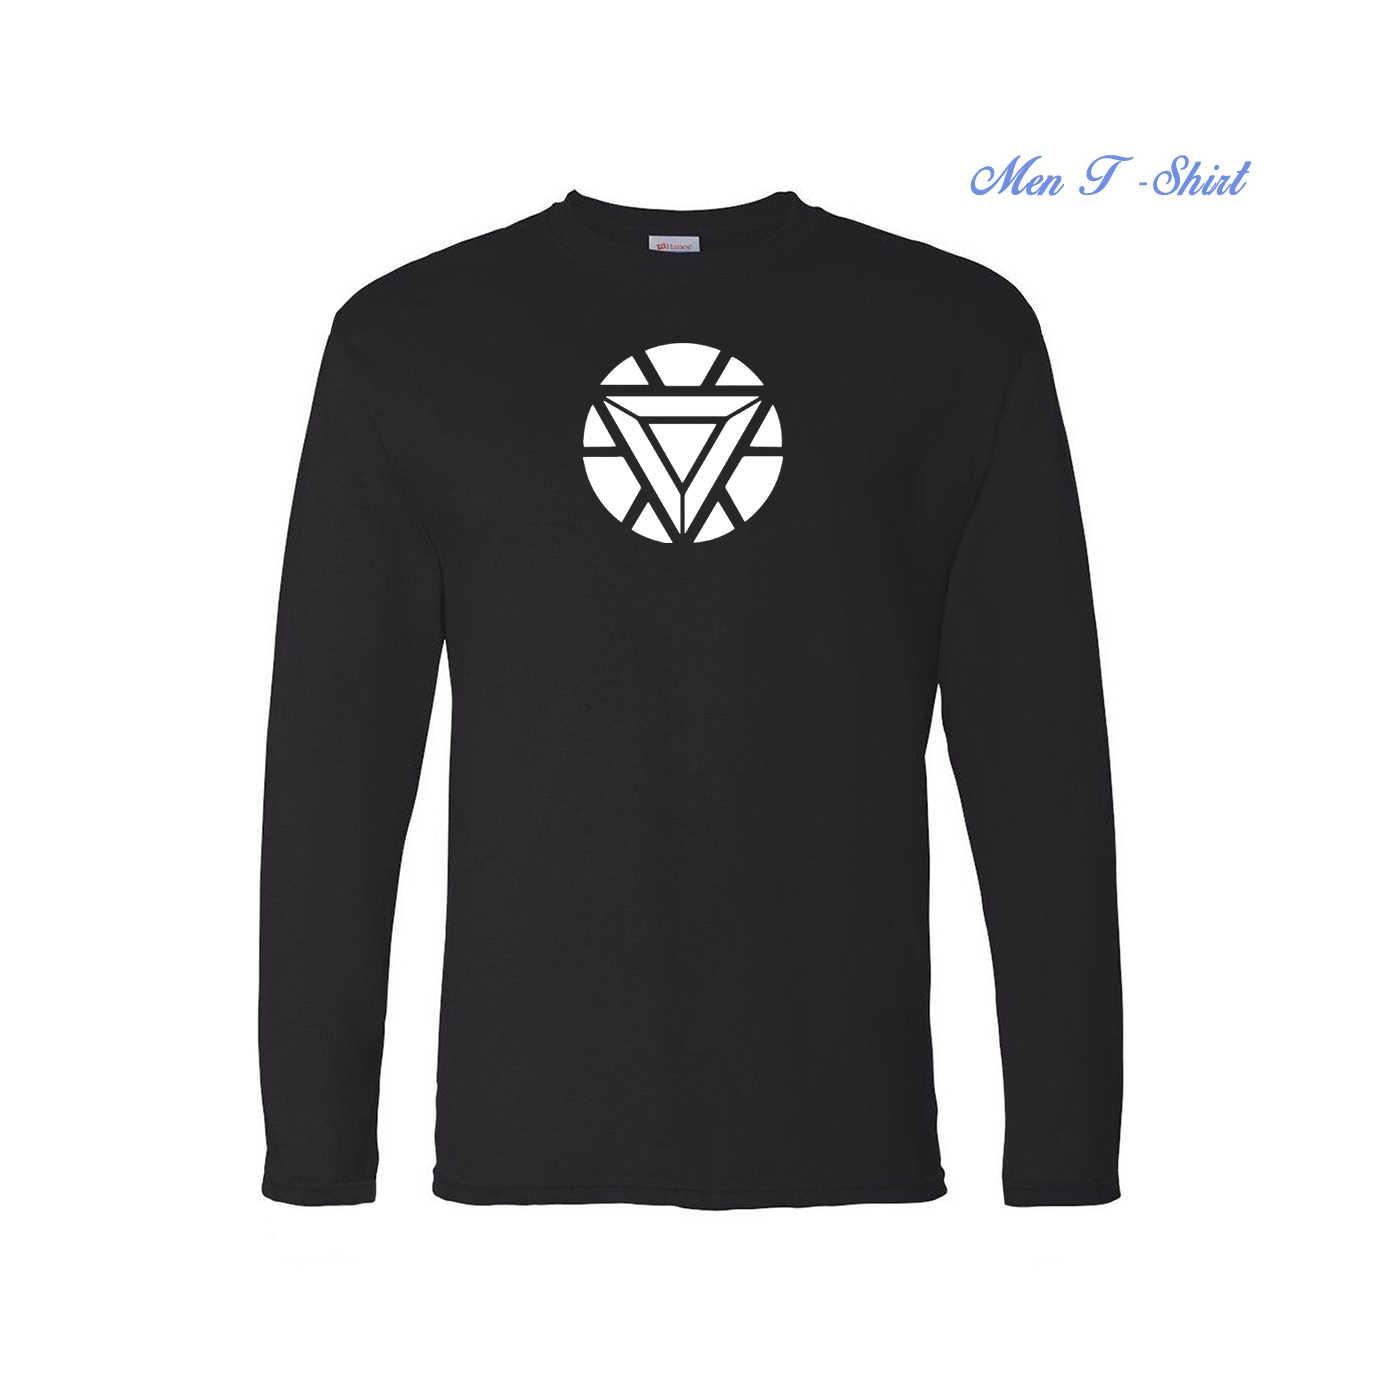 아이언 맨 토니 스탁 망 t 셔츠 아크 반응기 인쇄 로고 탑 티셔츠 코튼 캐주얼 긴팔 티셔츠 패션 핫 세일 스웨트